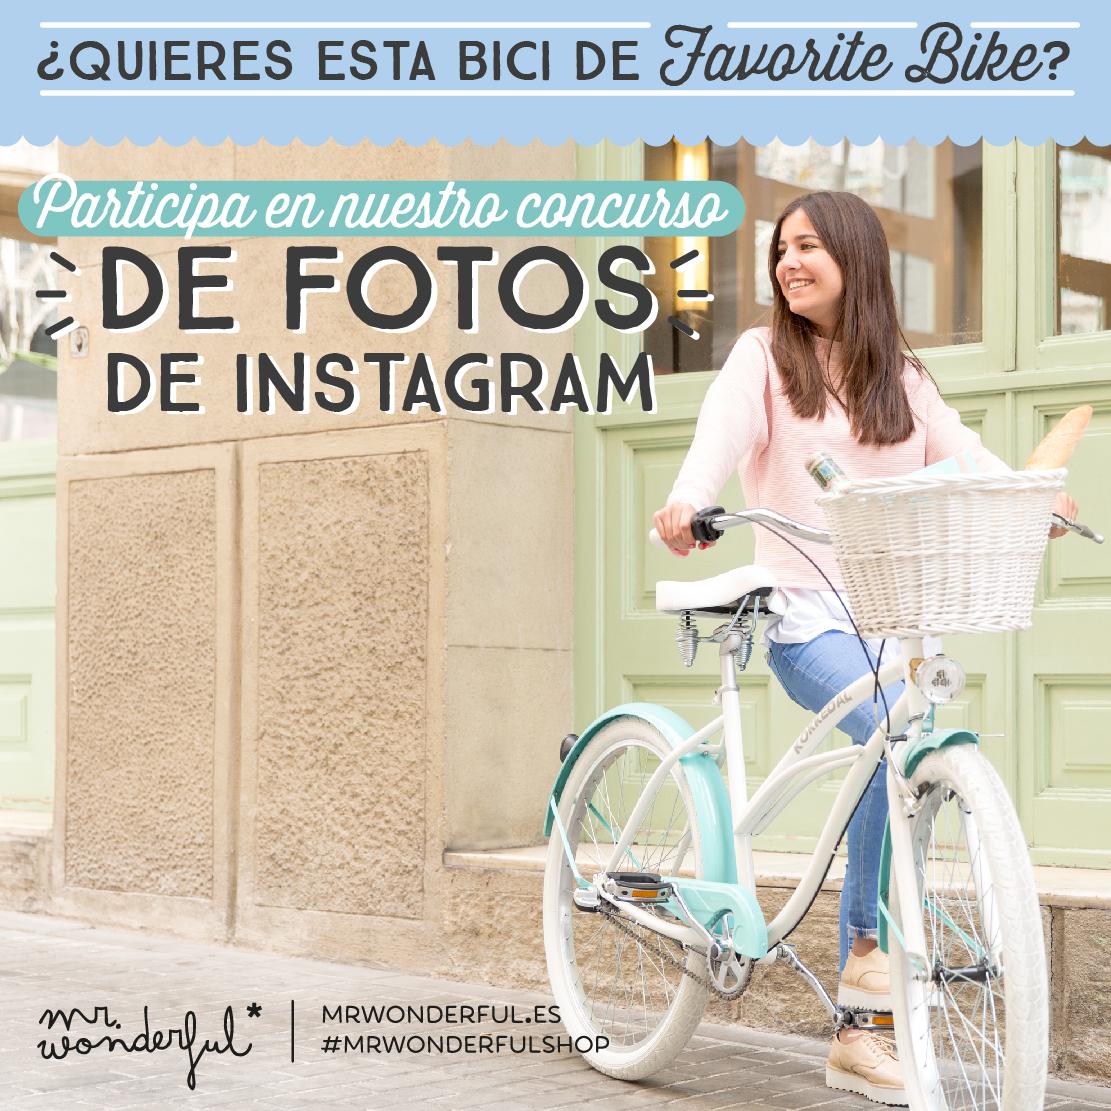 ¡Empezamos concurso de fotos en Instagram! Gana esta preciosa bici gracias a The Favorite Bike y haz de tus paseos una bonita aventura